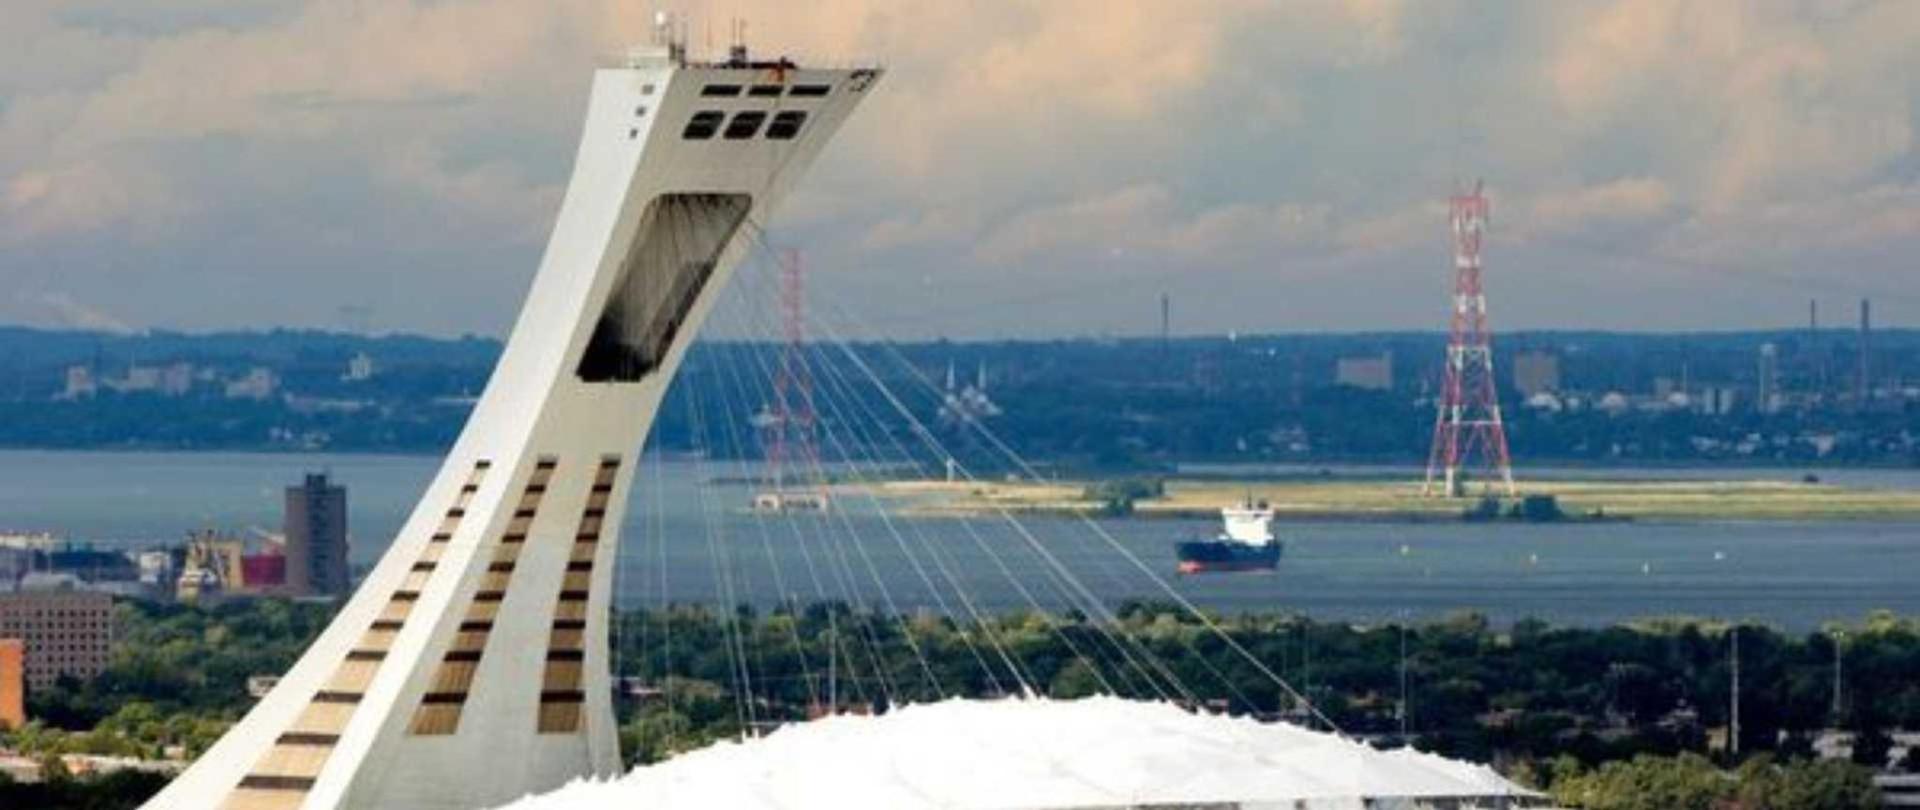 montreal-olympic-stadium-2305.jpg.1920x810_default.jpeg